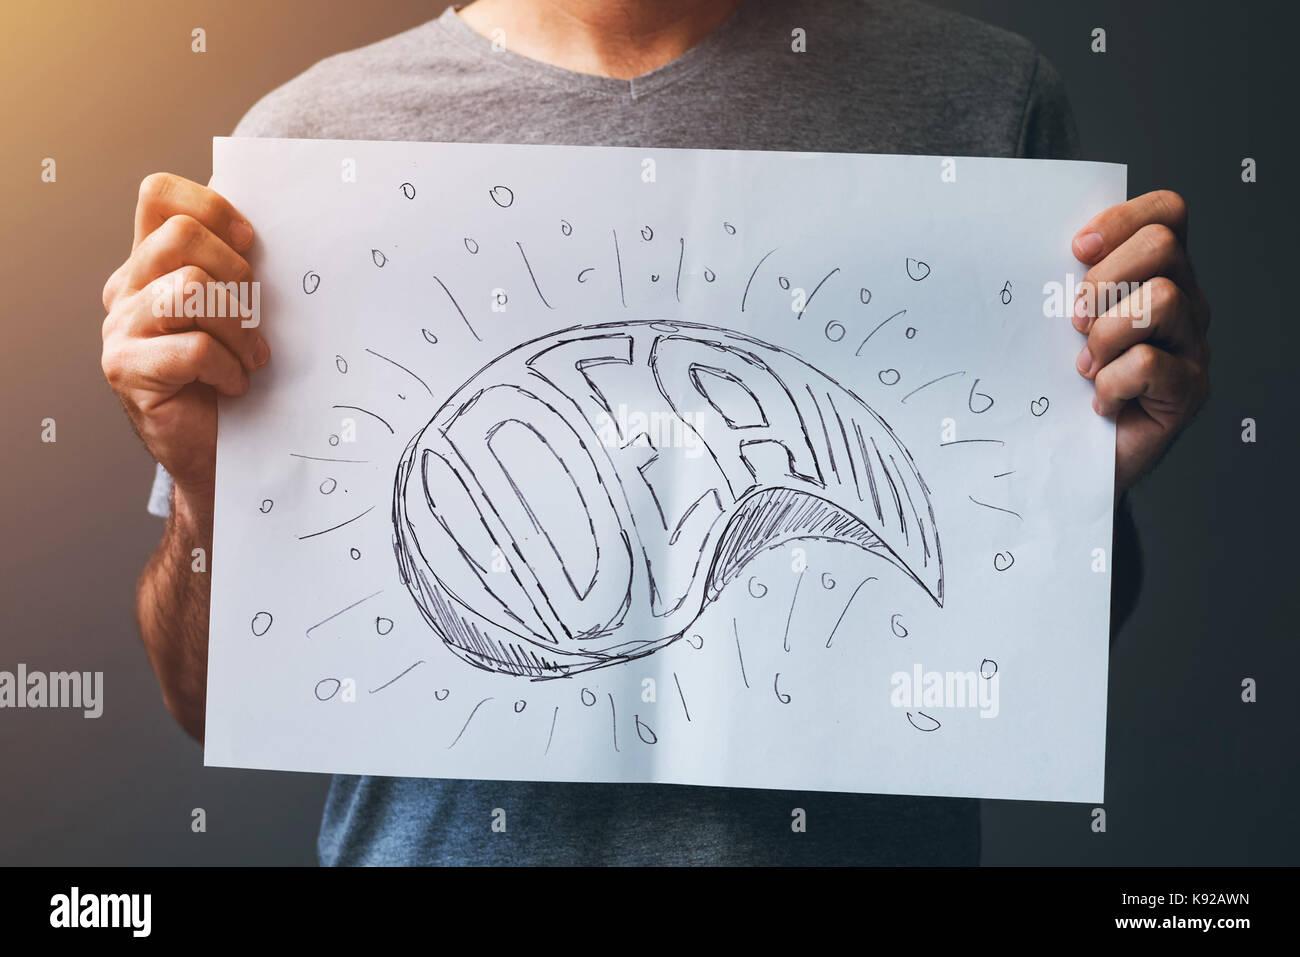 Las ideas e innovaciones, creatividad en el diseño gráfico, la ilustración y la escritura Imagen De Stock